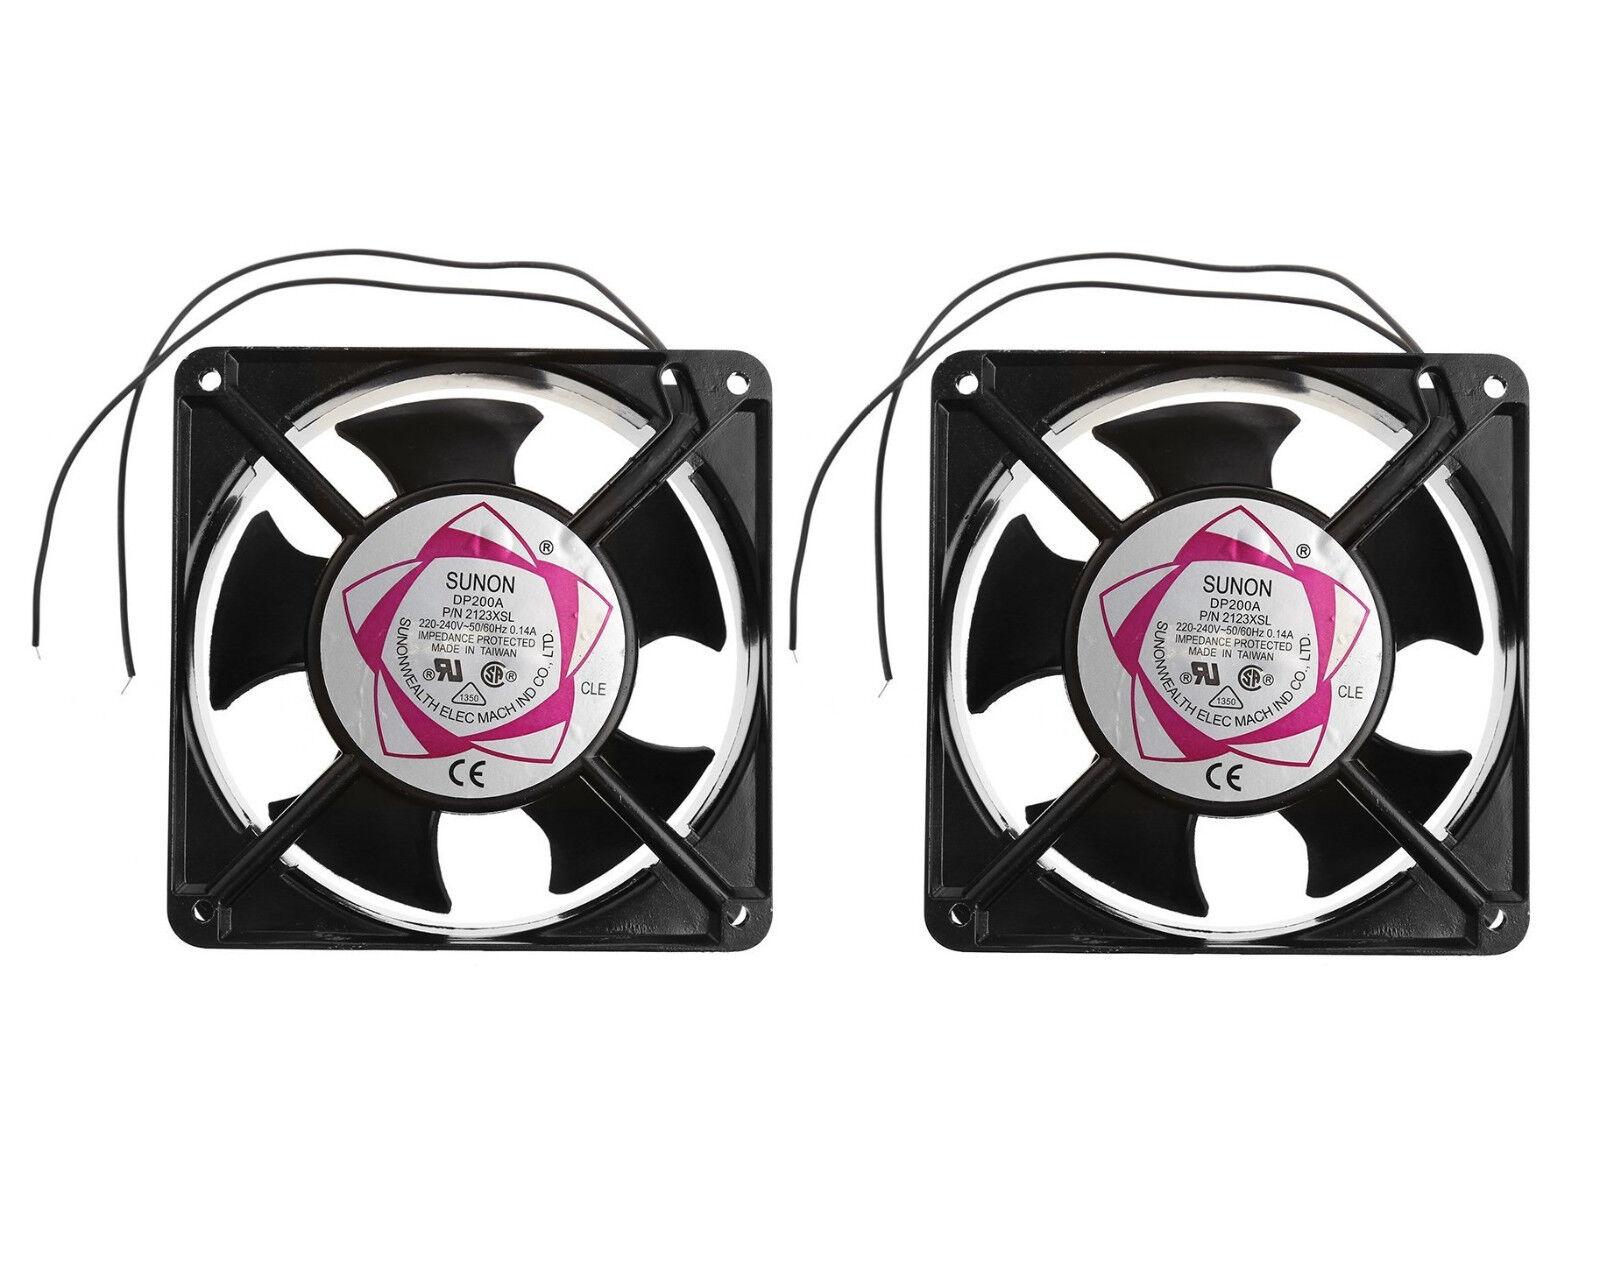 (2) Pack SUNON DP200A-2123XSL AC 220V 240V Case Cooling fan Sleeve Bearing (NEW)